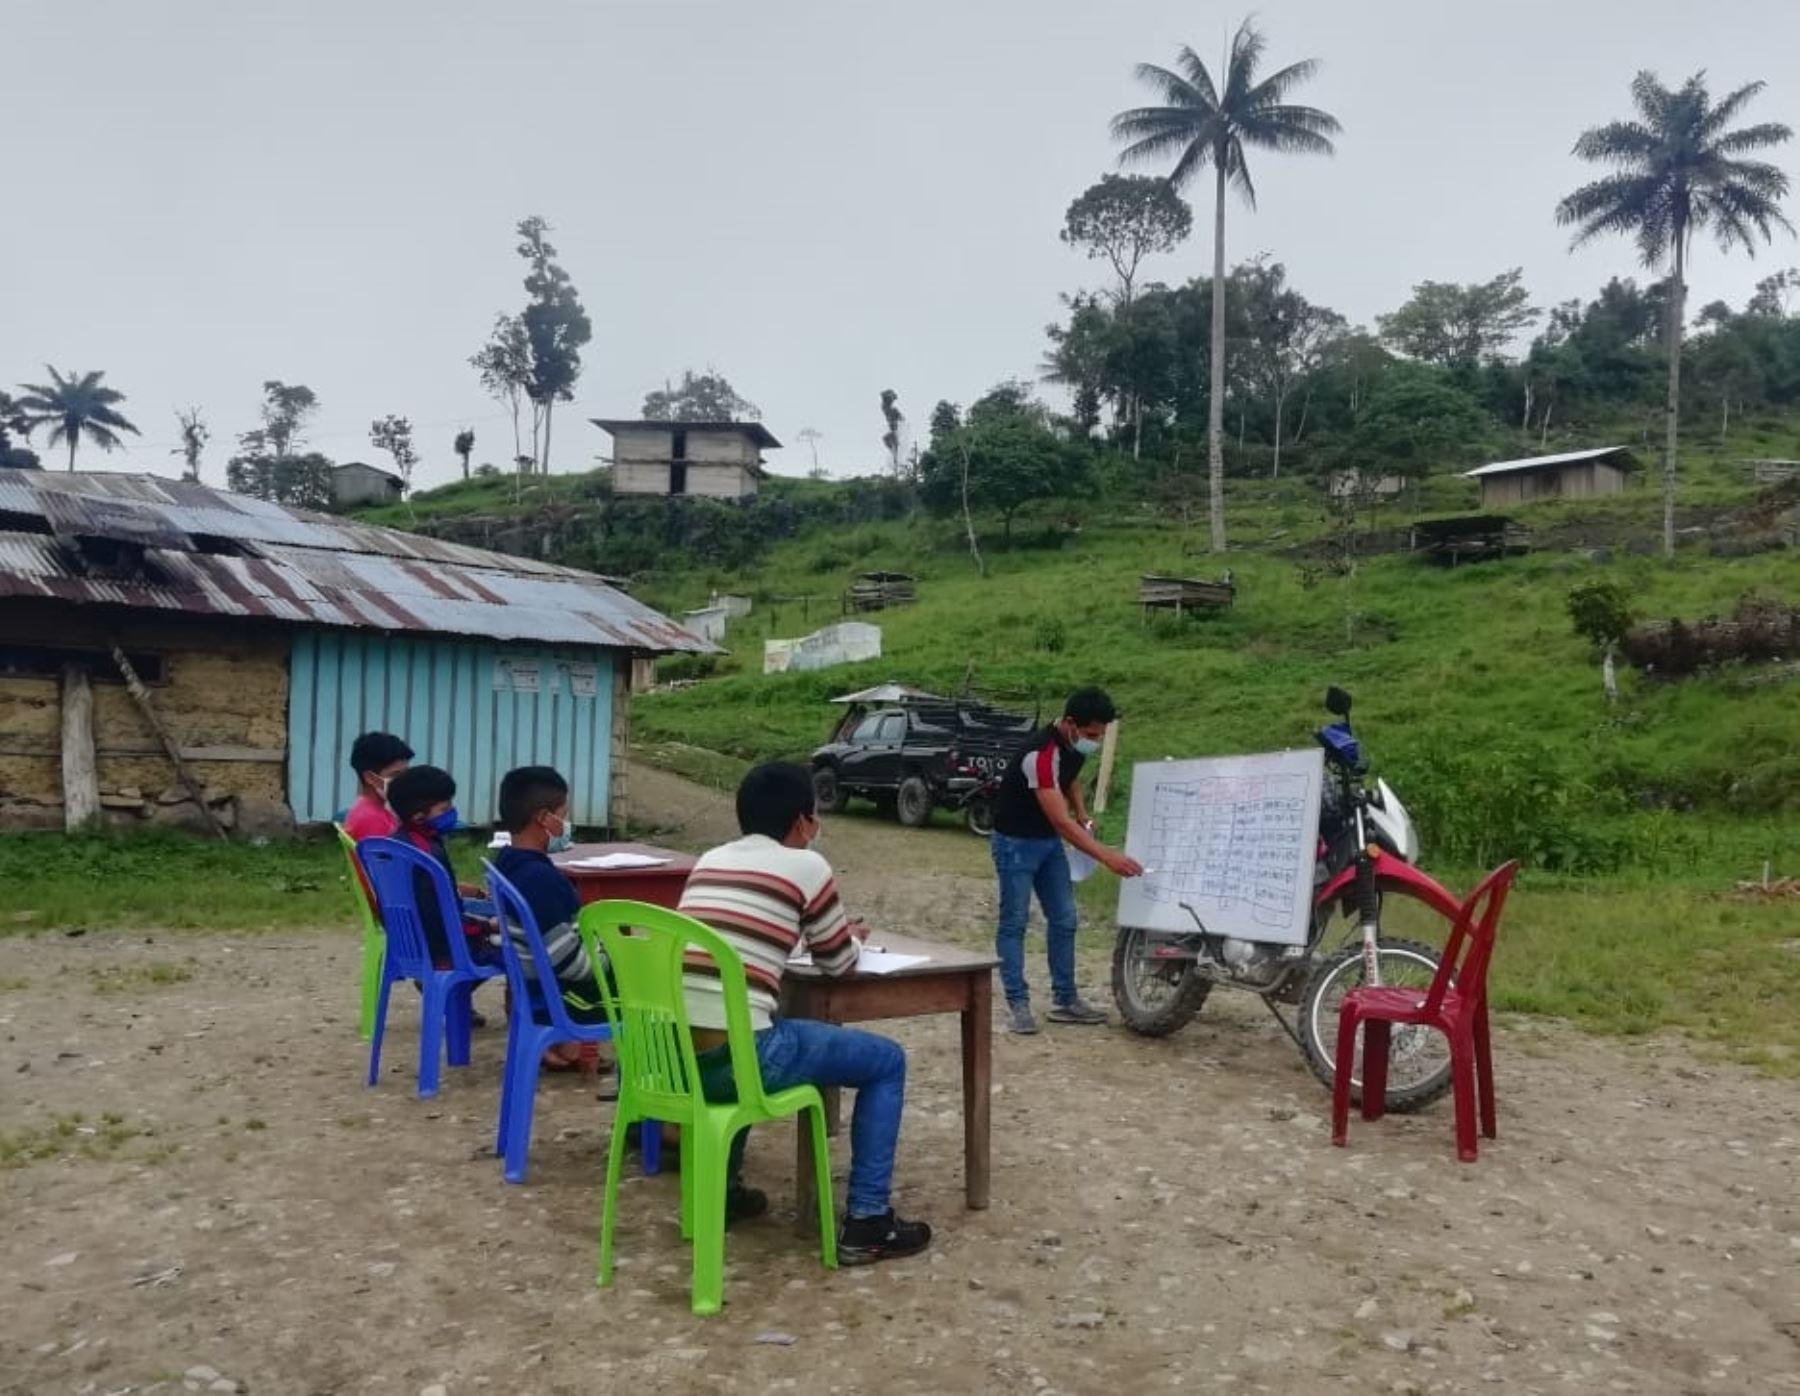 Conoce a Neyber Terrones Díaz, el joven talento estudiante de la Universidad de San Marcos, natural de Amazonas, que viaja en moto para enseñar a niños de comunidades alejadas de esa región. ANDINA/Difusión